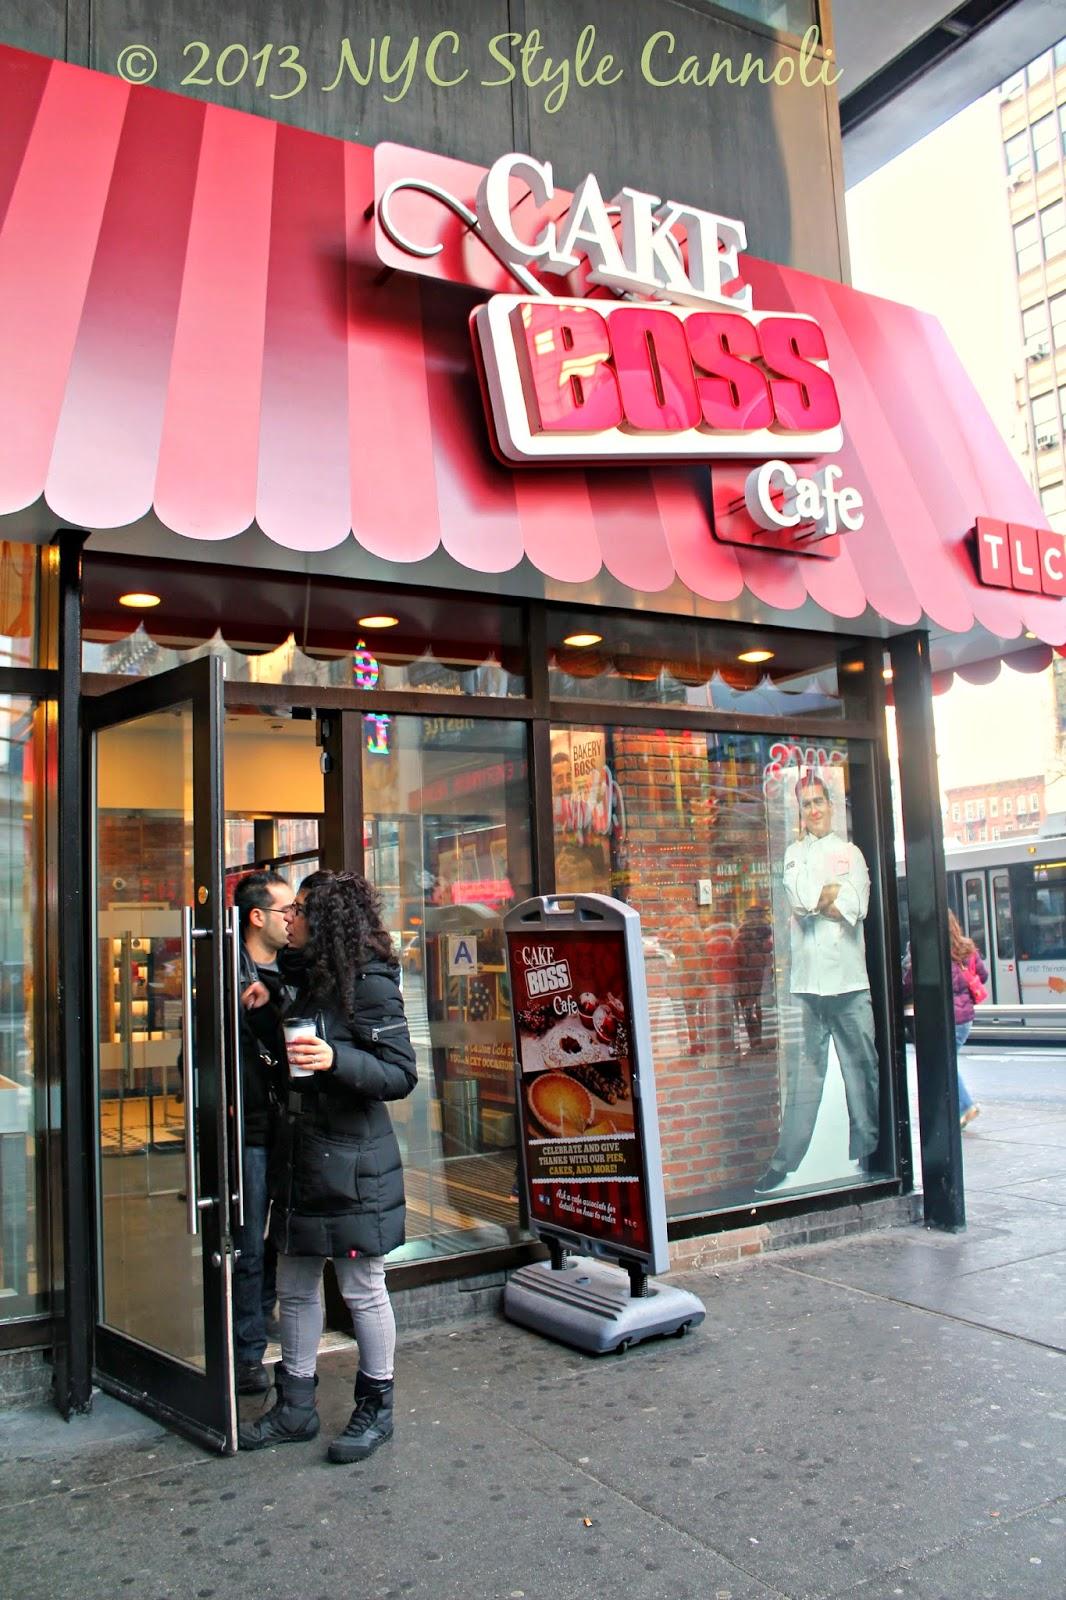 Cake Boss Cafe New York Ny